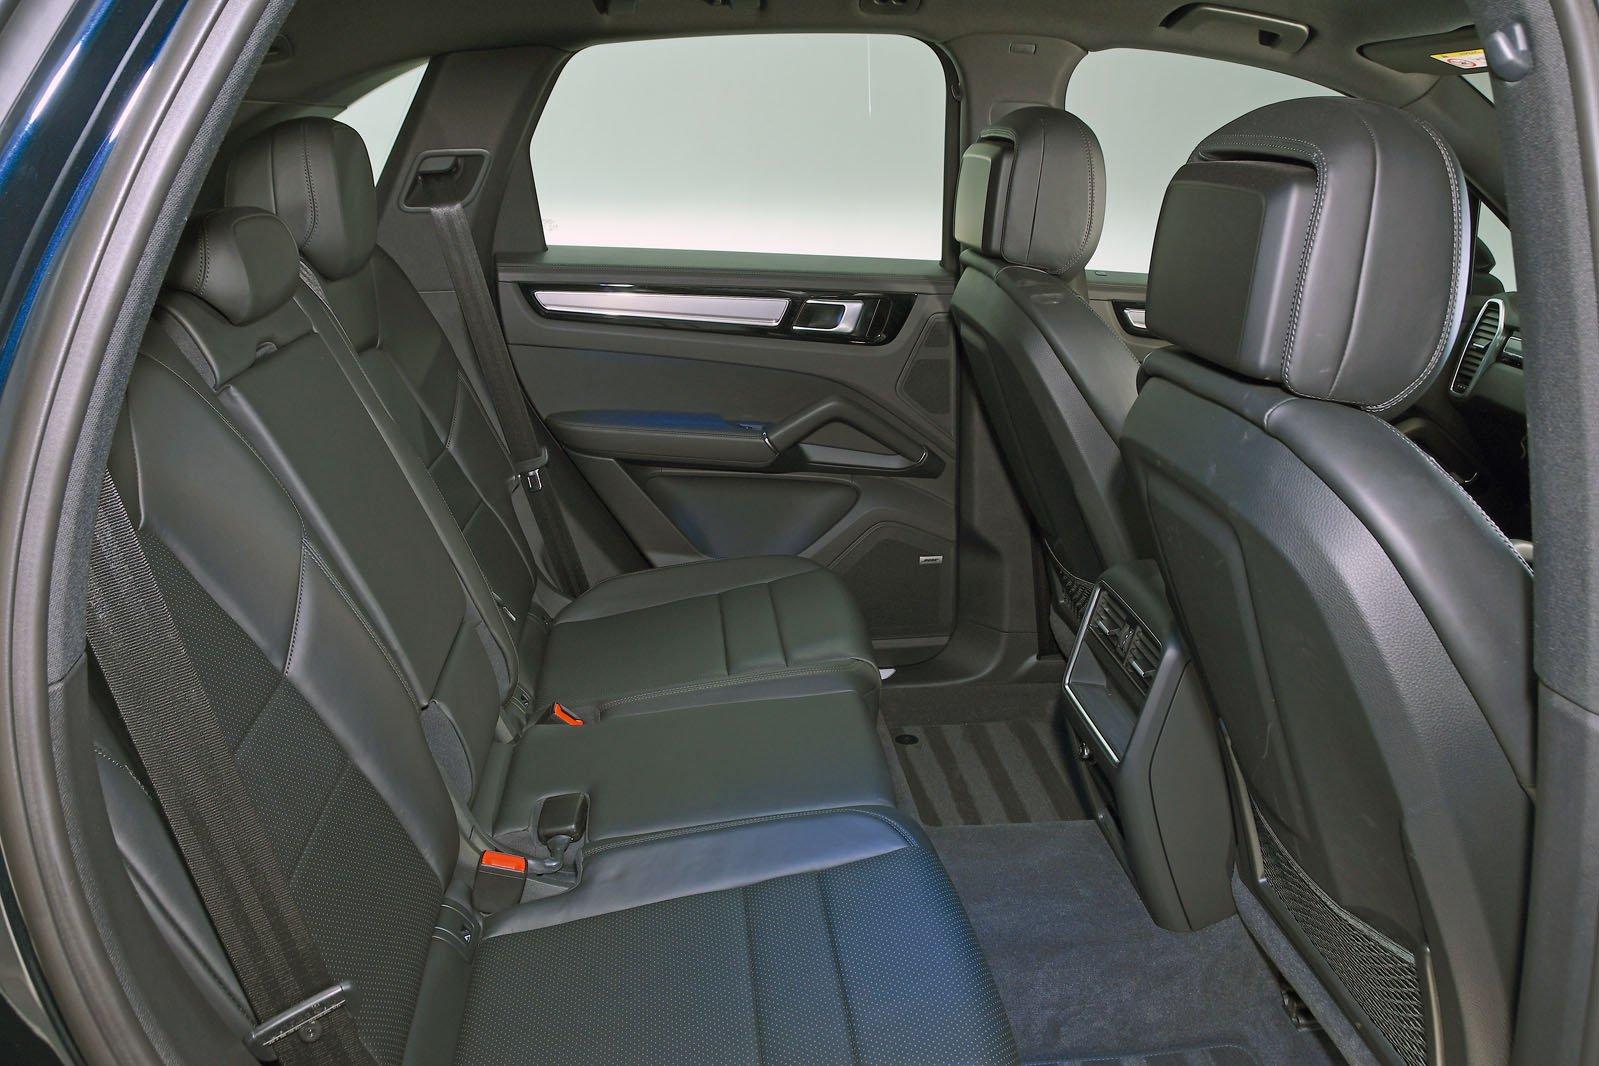 Porsche Cayenne rear space